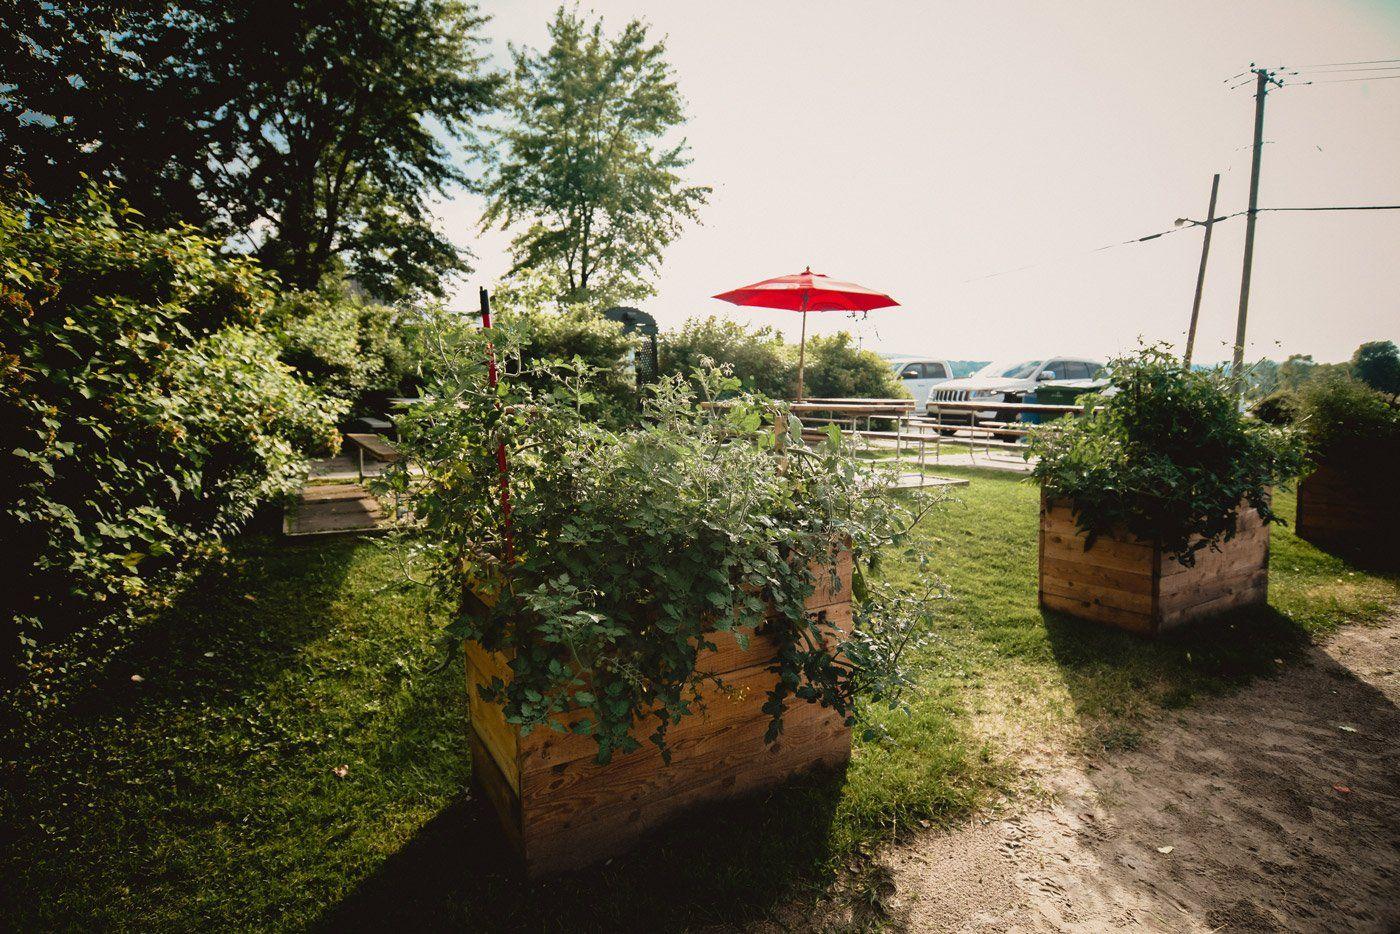 https://lepouce.ca/wp-content/uploads/2018/02/restaurant-le-pouce-parc-beer-garden.jpg